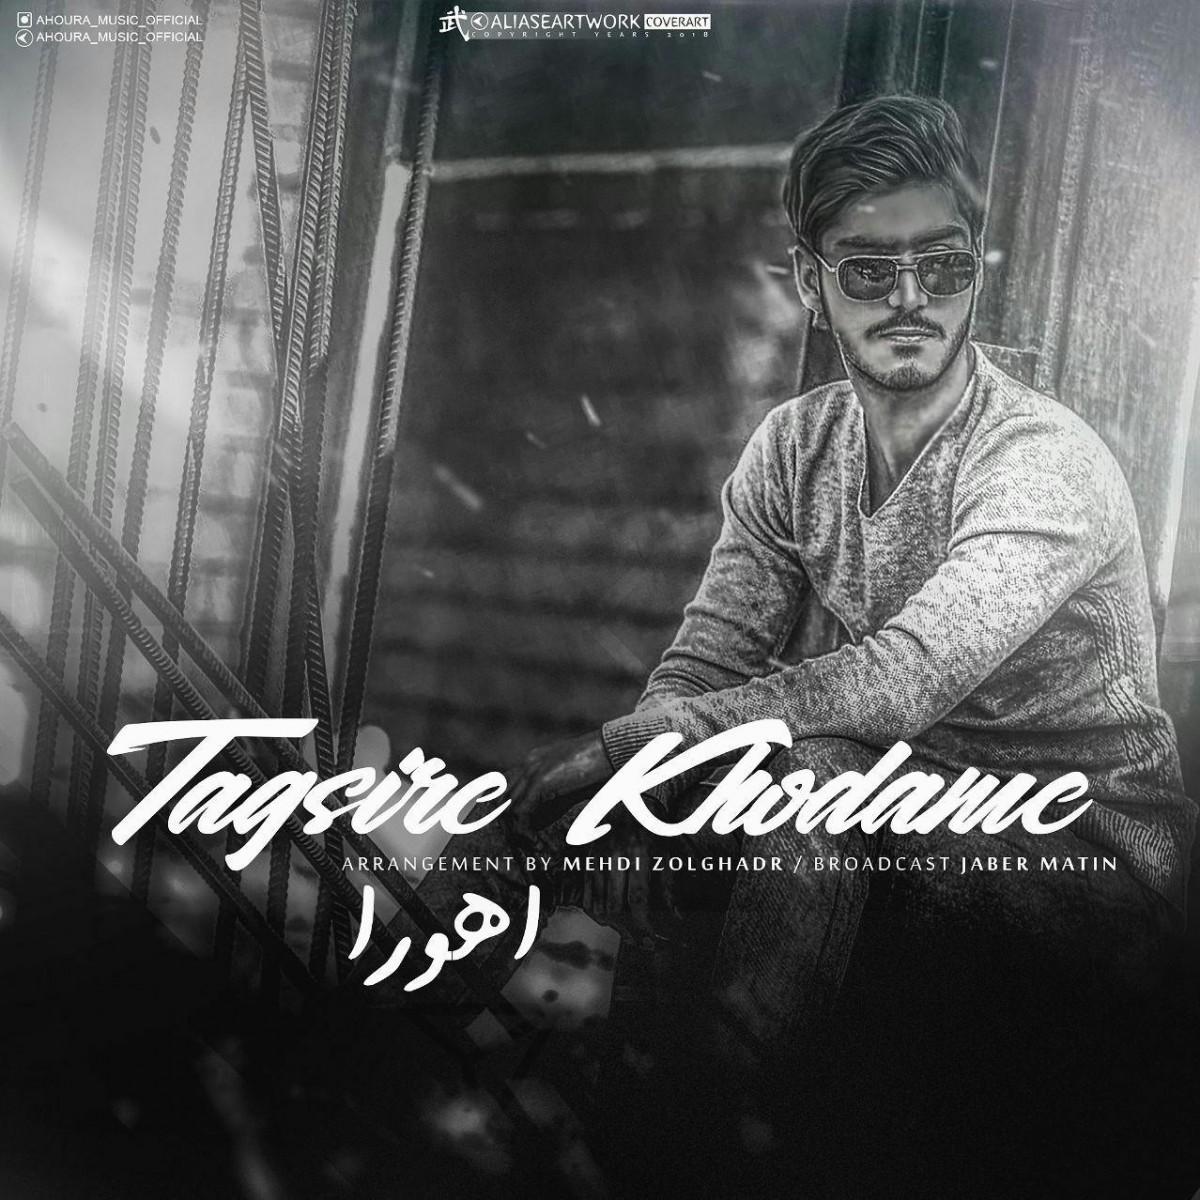 نامبر وان موزیک   دانلود آهنگ جدید Ahoora-Taghsire-Khodame